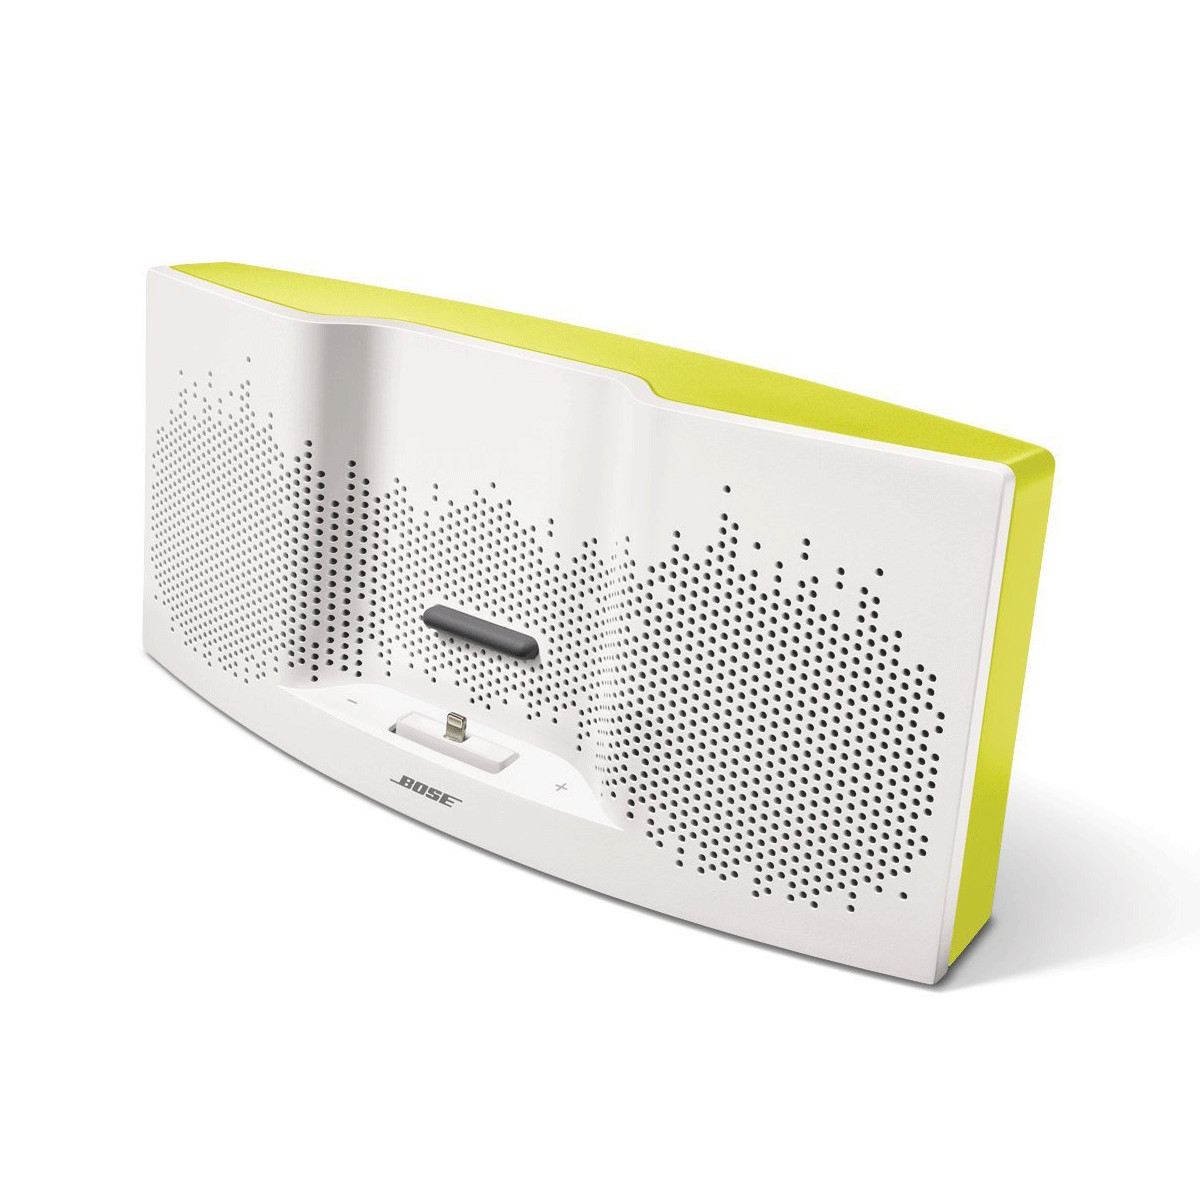 disc bose sounddock xt speaker yellow at. Black Bedroom Furniture Sets. Home Design Ideas